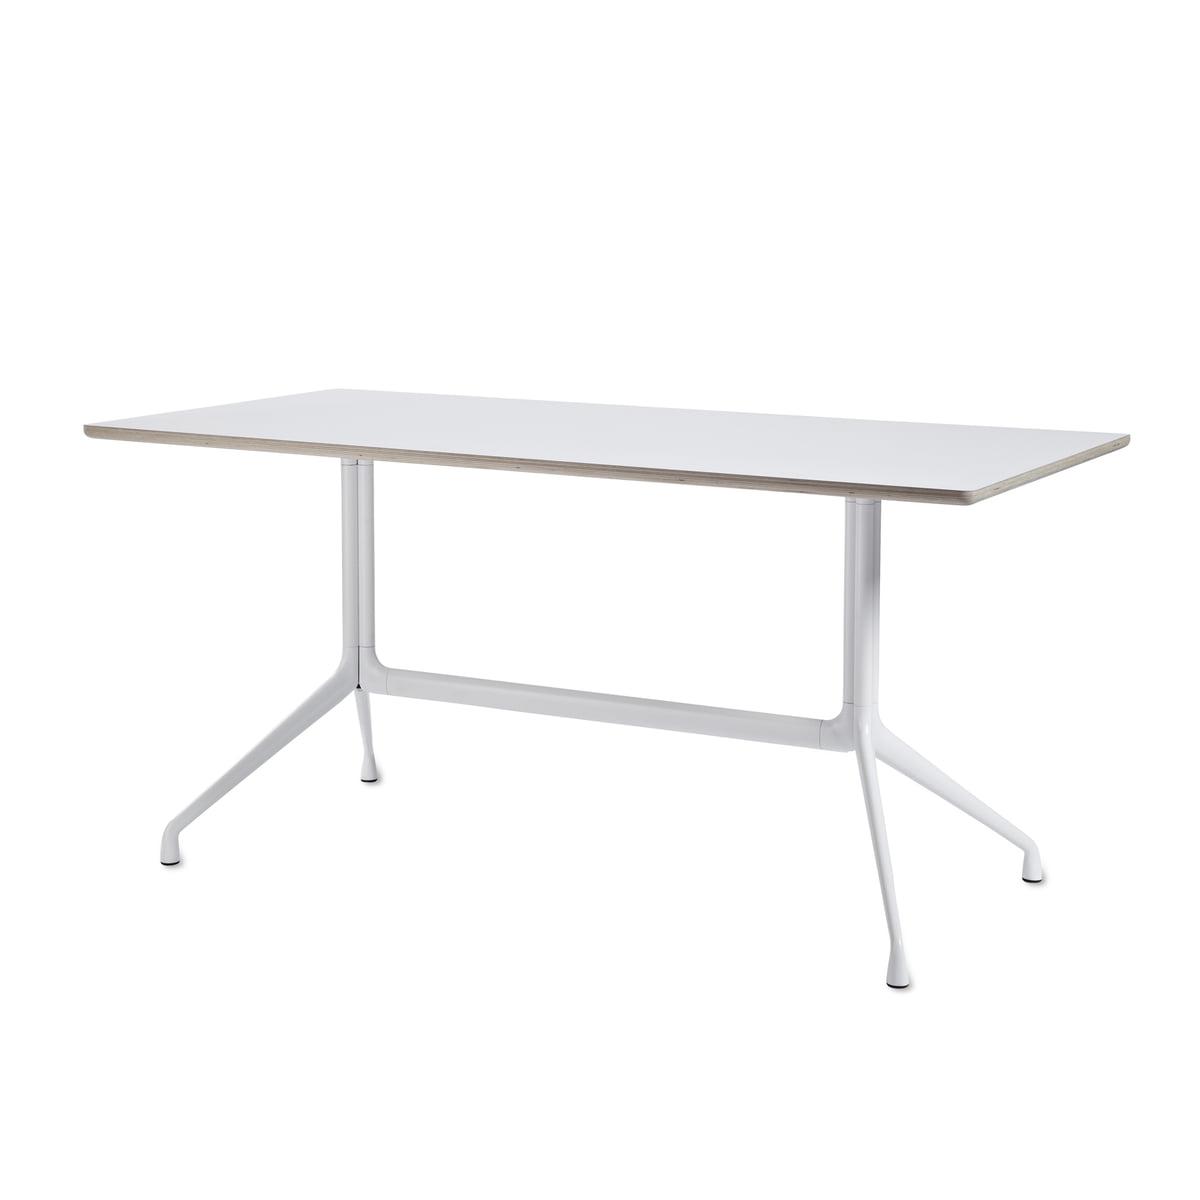 About A Table AAT 10 Esstisch, 160 x 80 cm, weiß / weiß